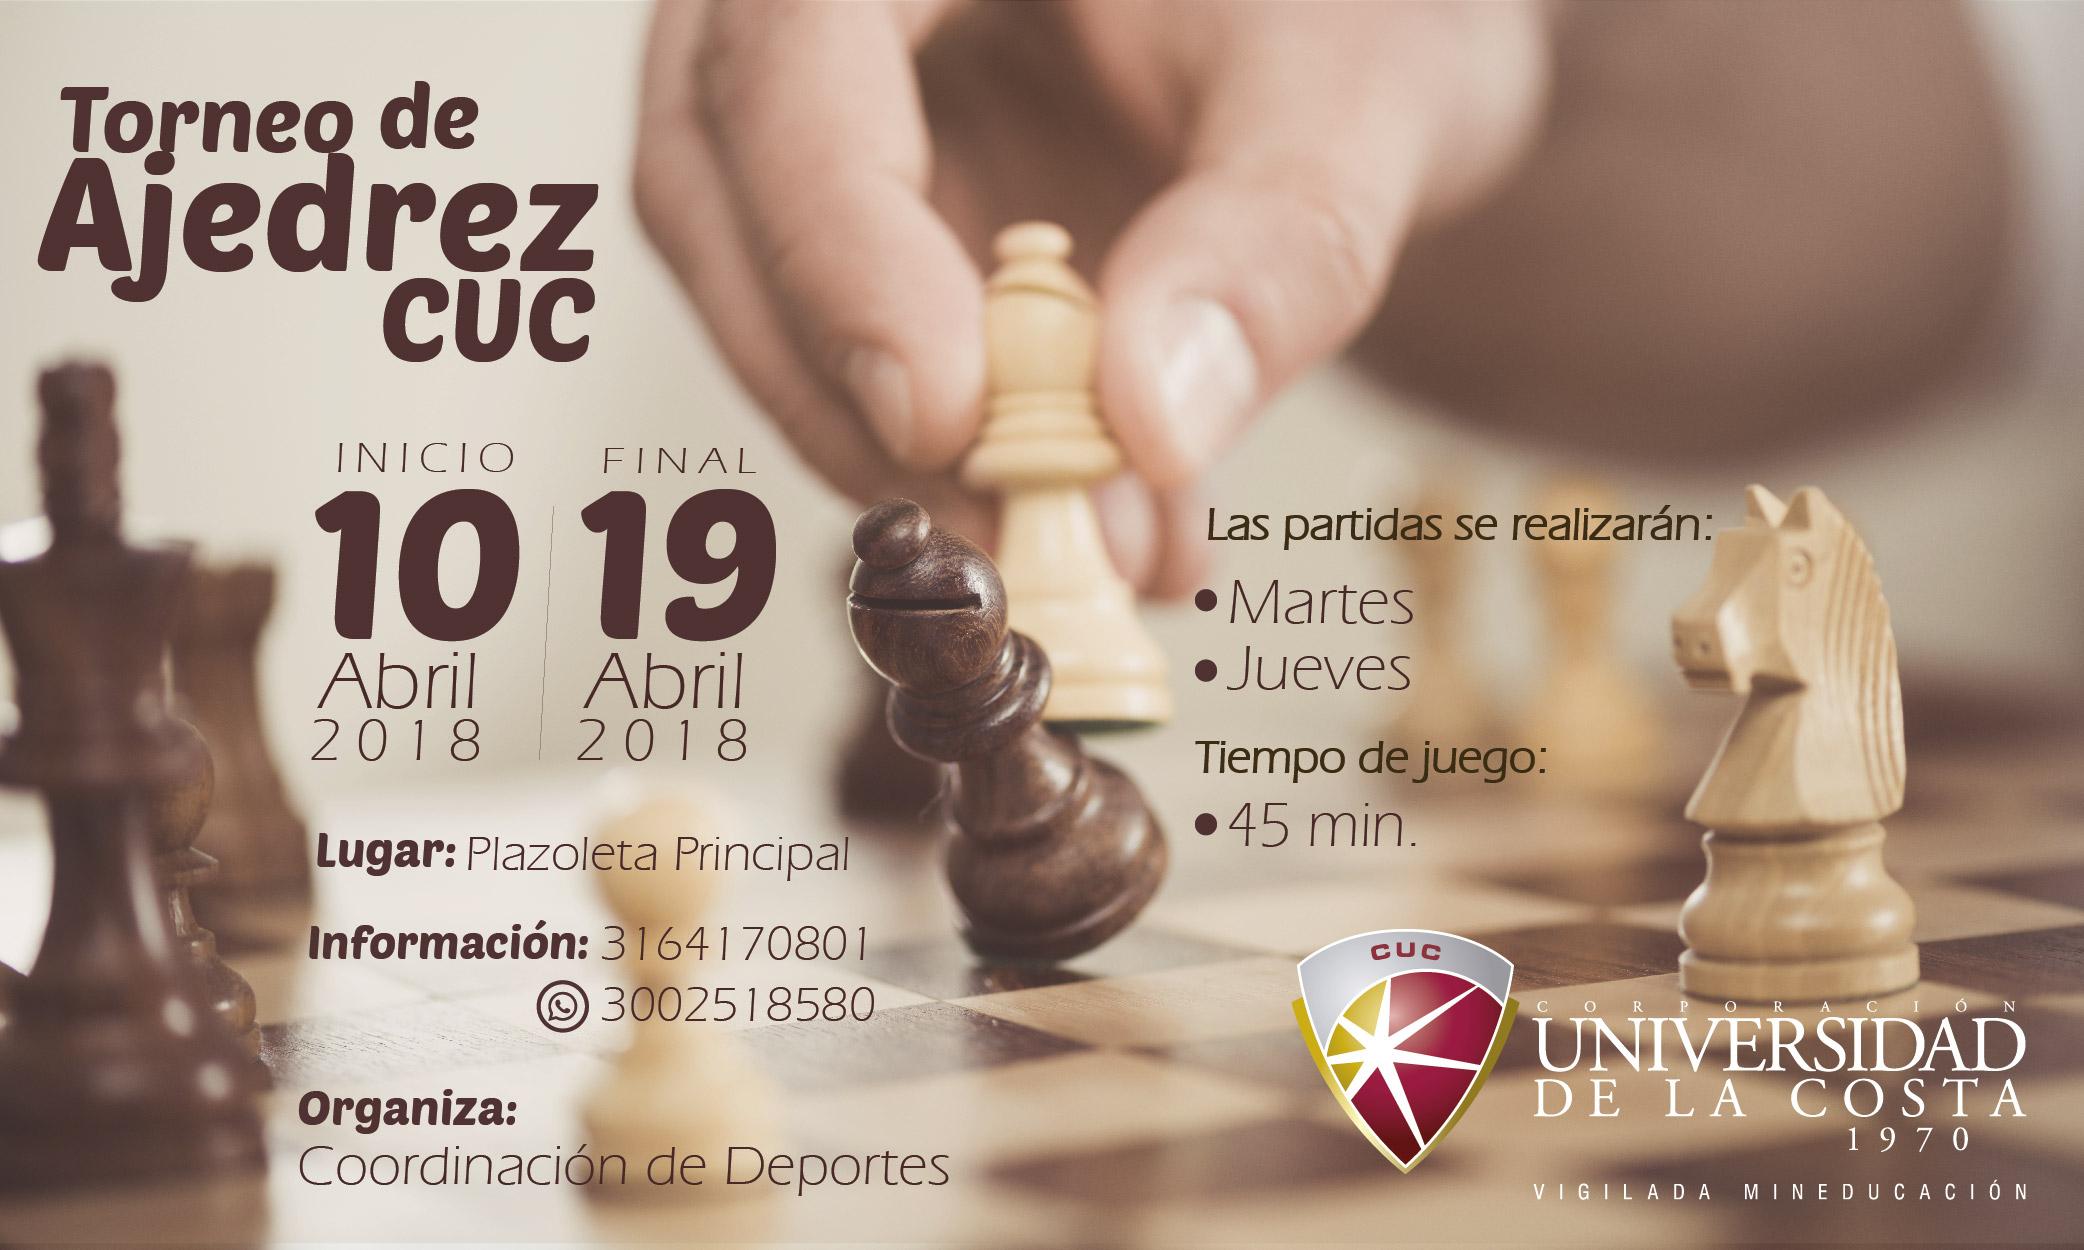 Torneo de Ajedrez CUC 2018 Mesa de trabajo 1